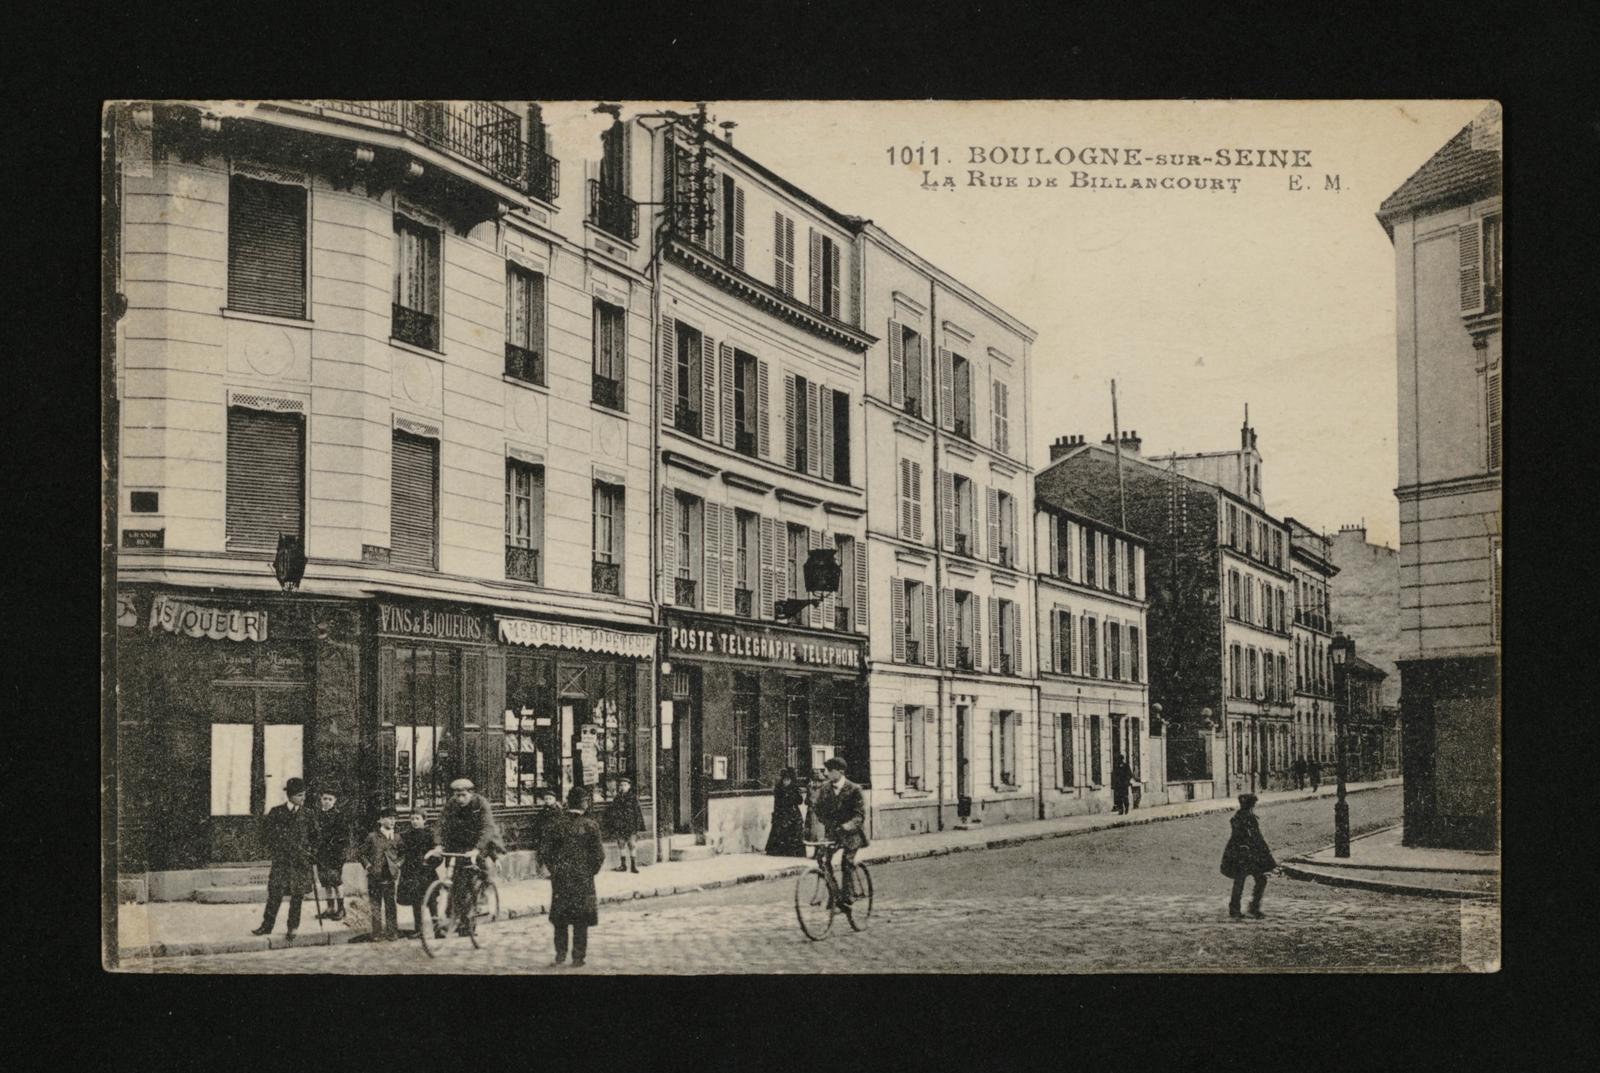 rencontre gay montpellier à Boulogne-Billancourt